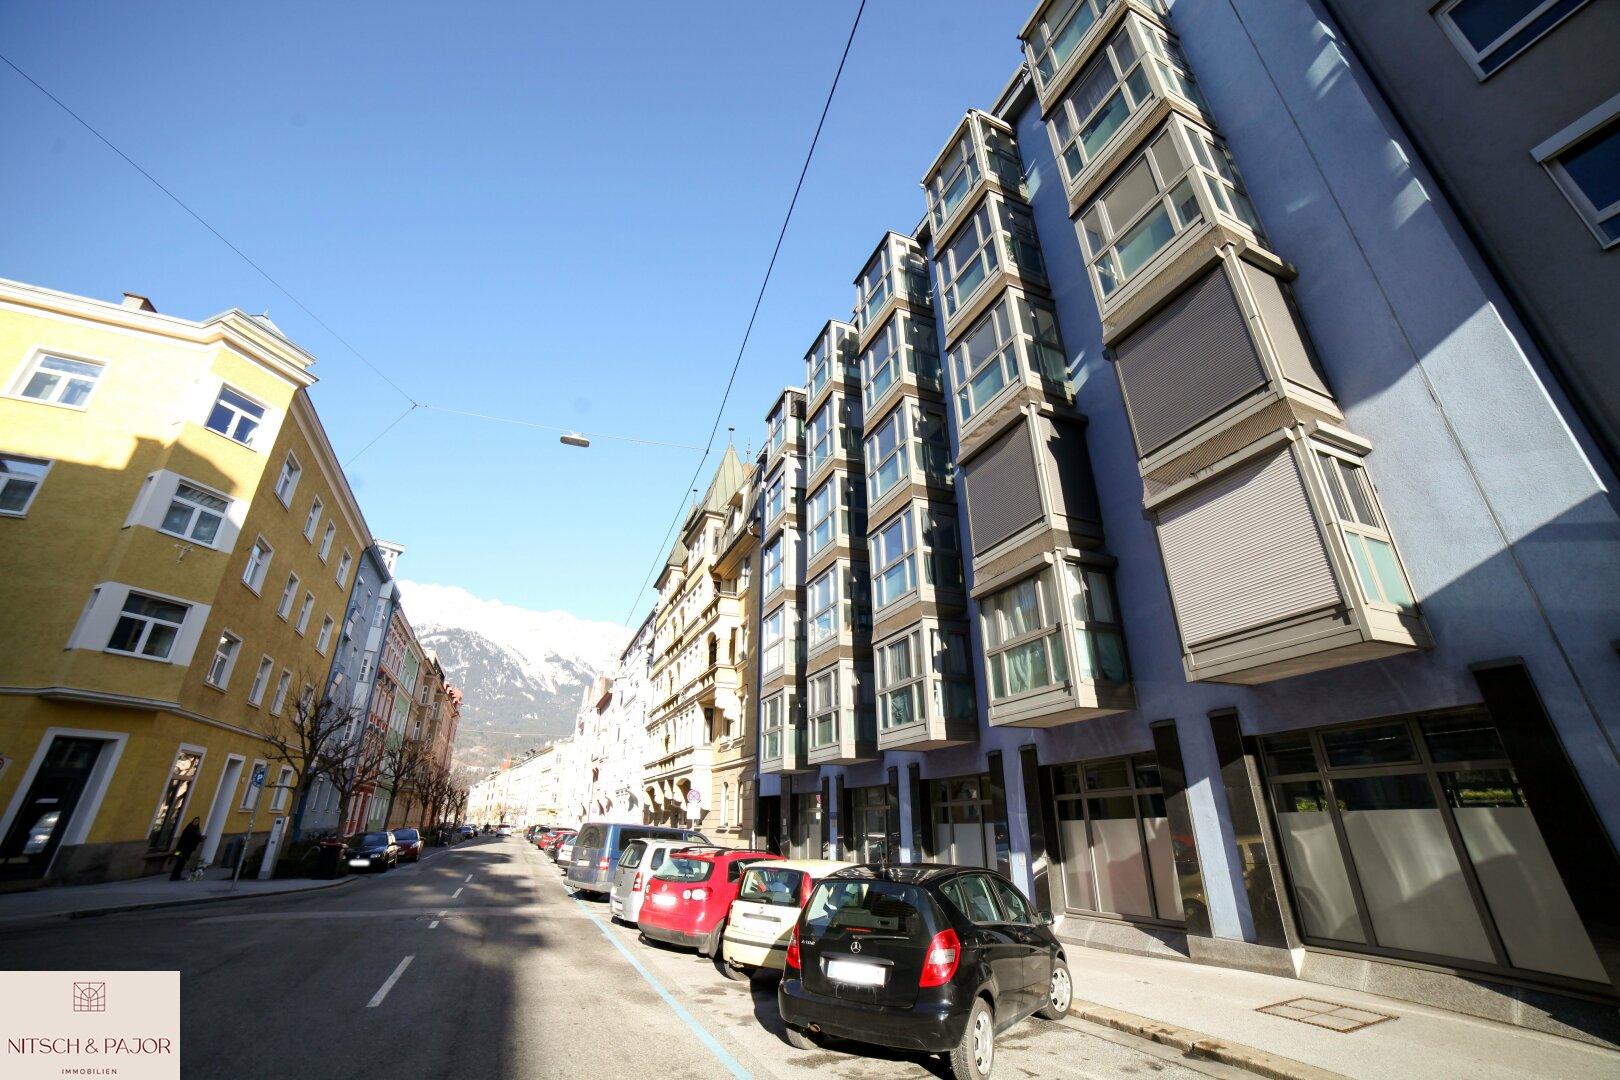 Blick auf das Dopo Lavoro Gebäude